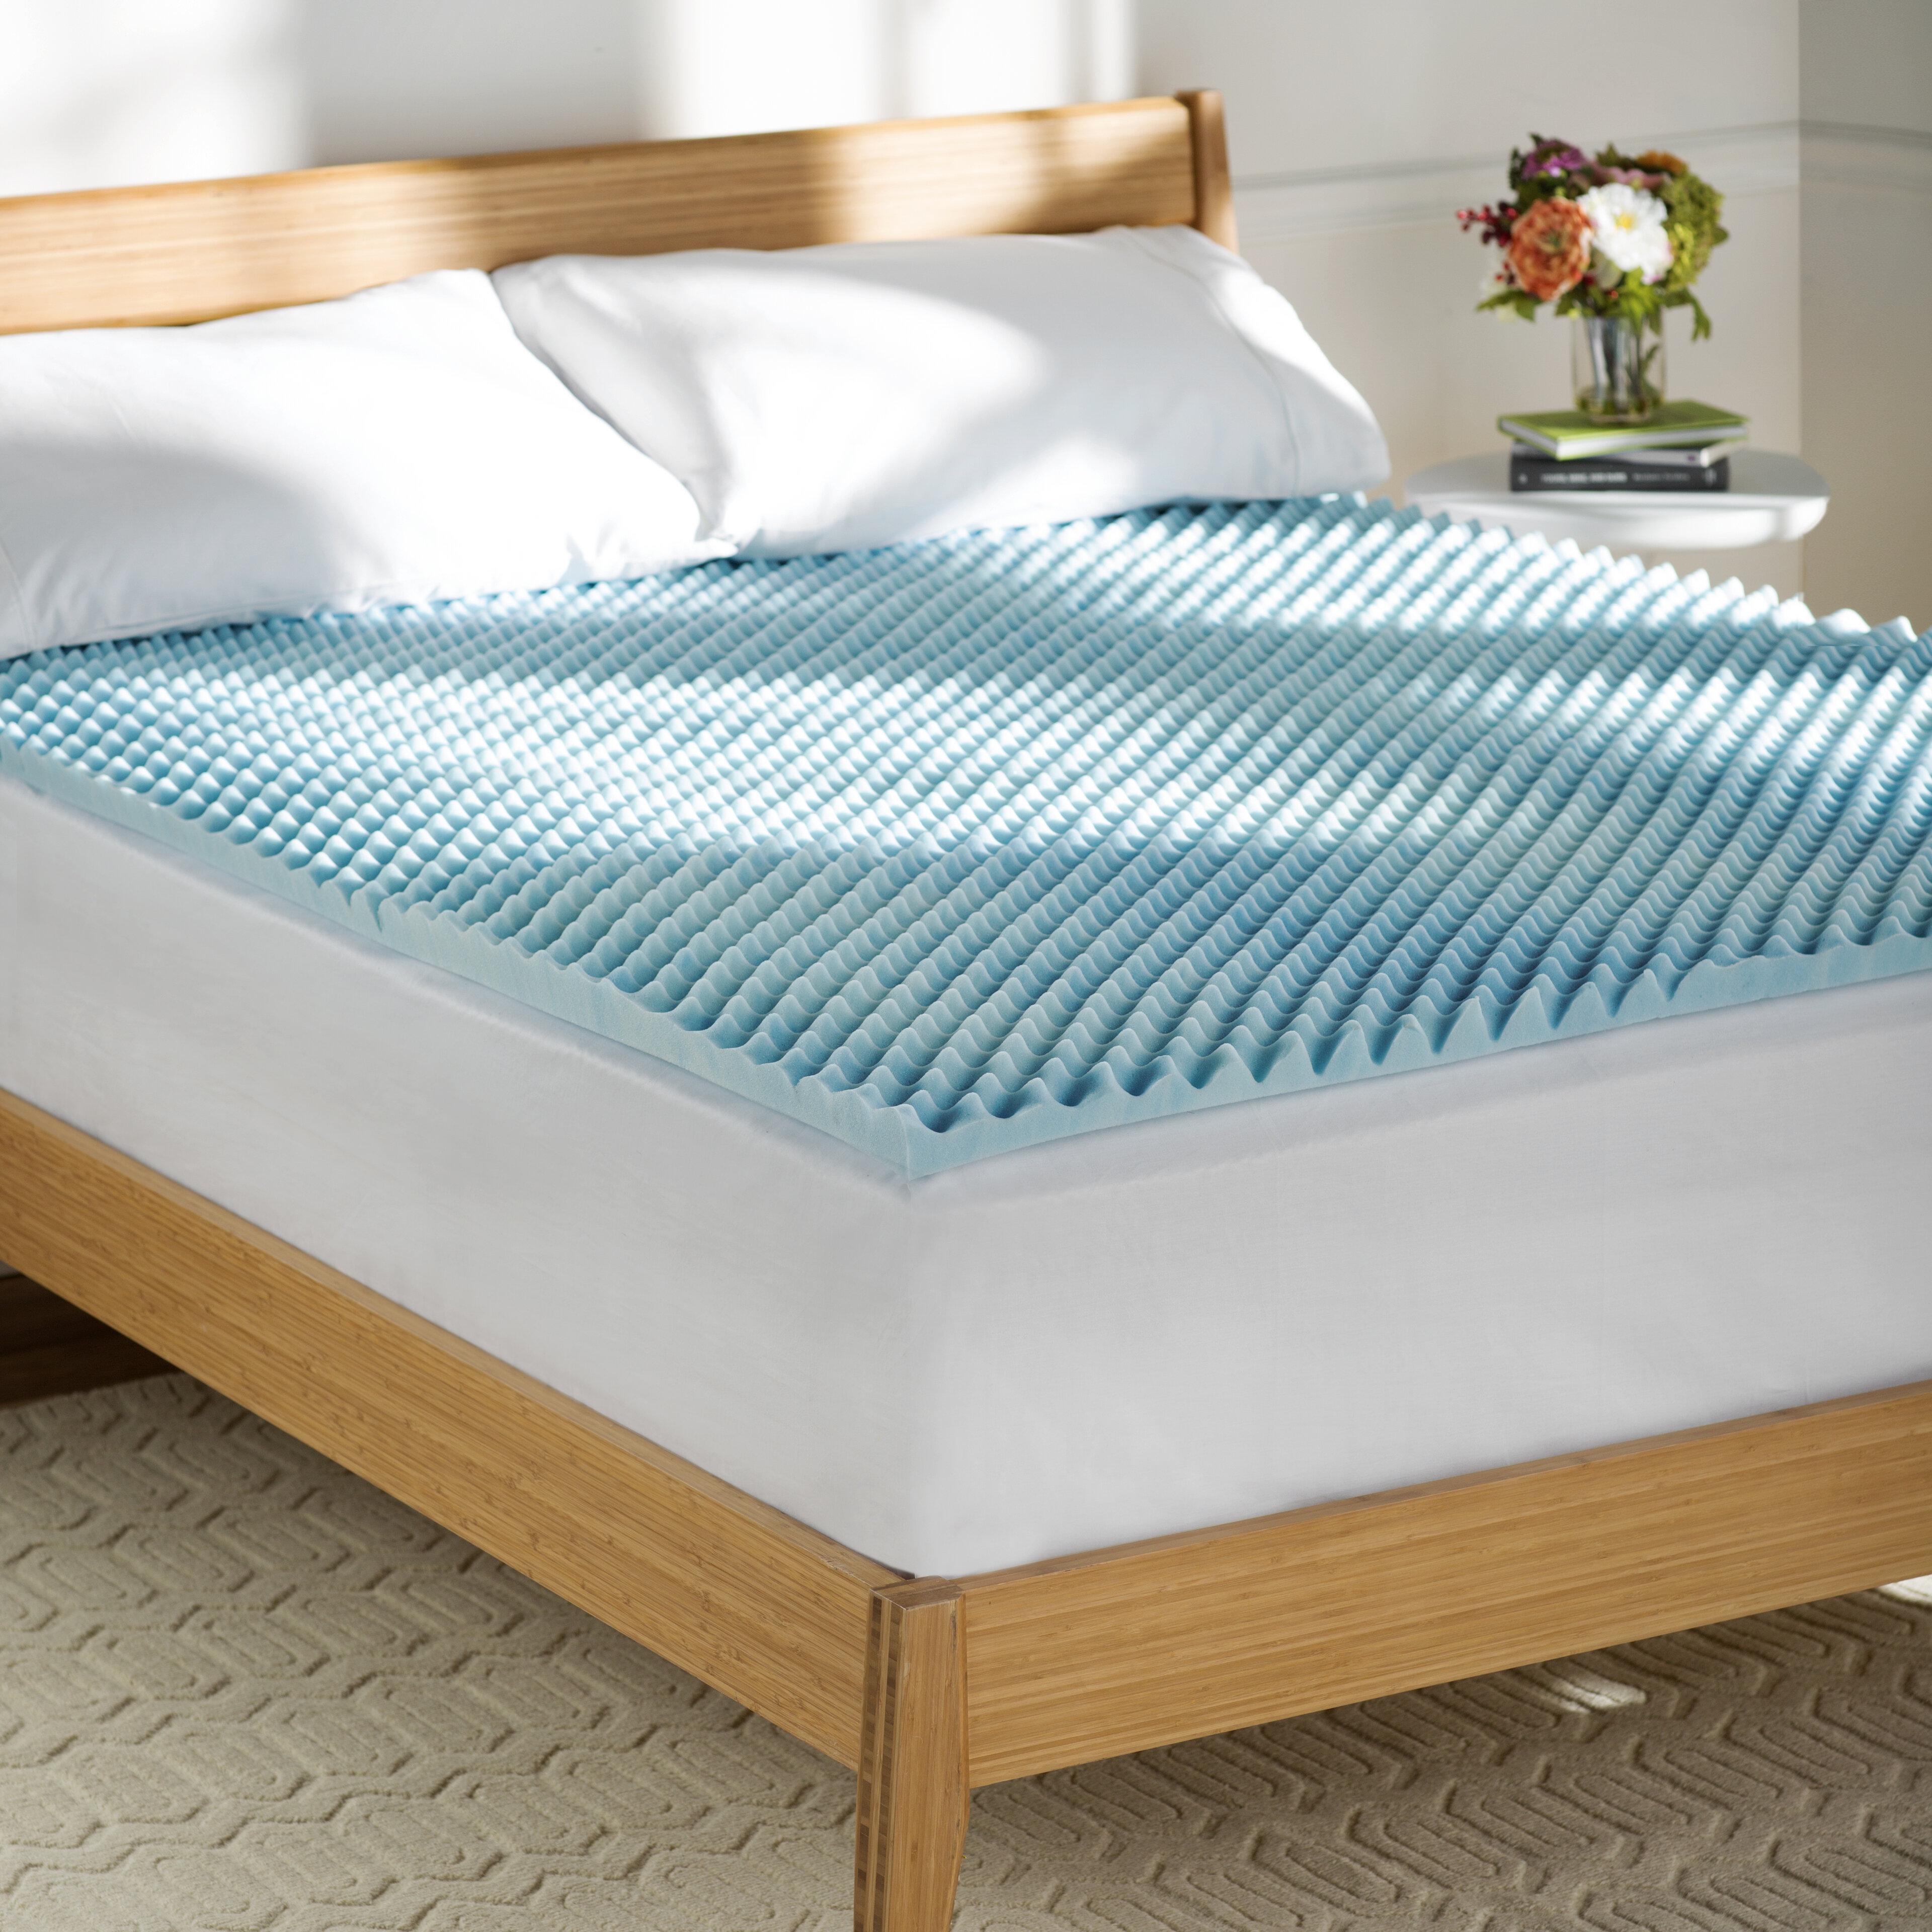 reviews foam basics mattress topper bath pad memory textured gel pdx wayfair bed